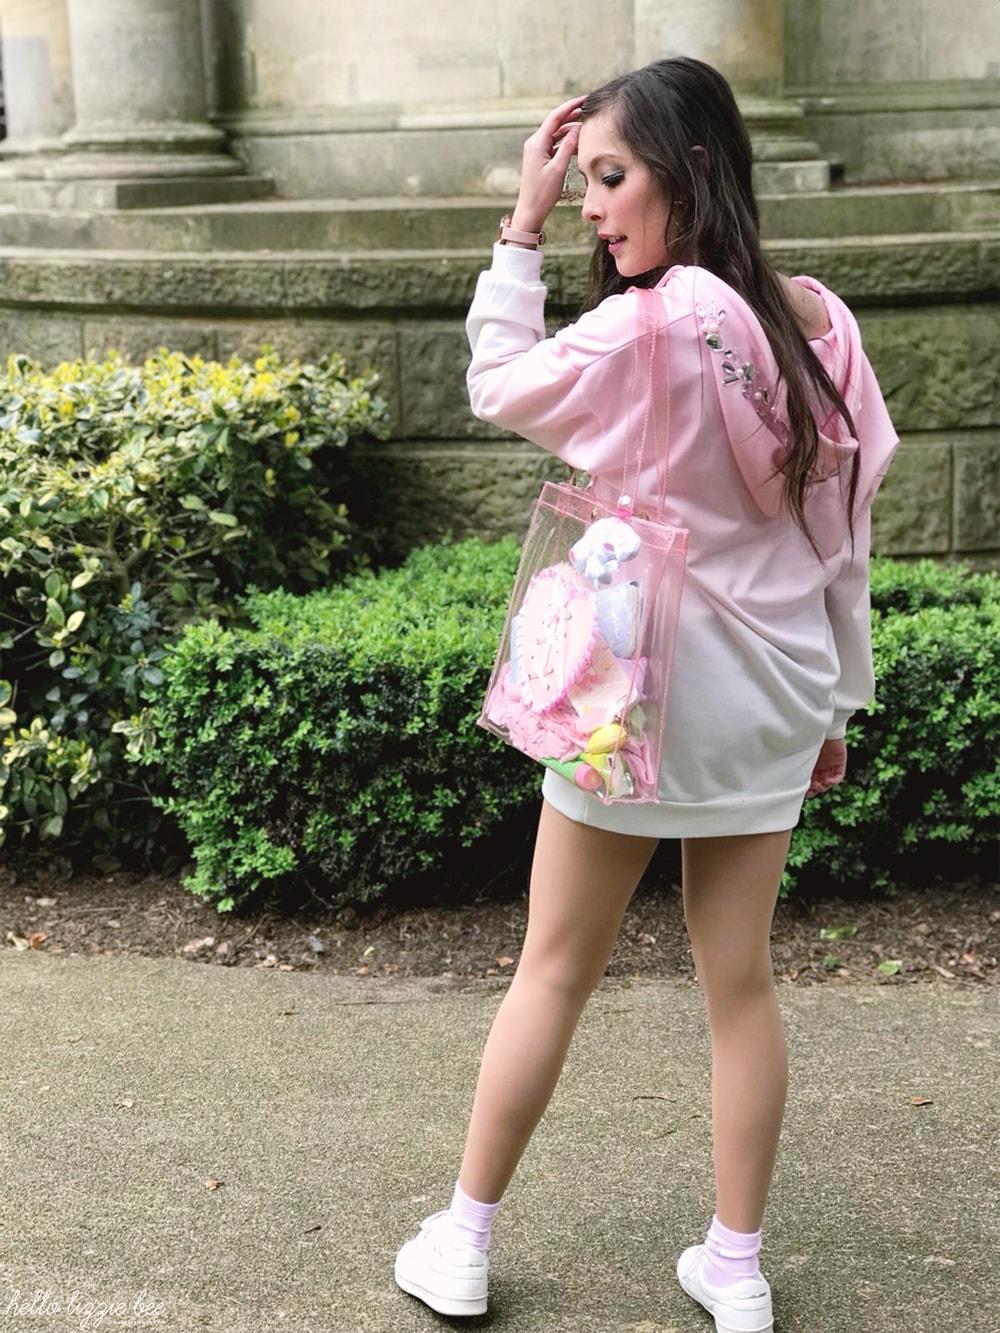 gyaru kei outfit, onee gyaru, datura hoodie